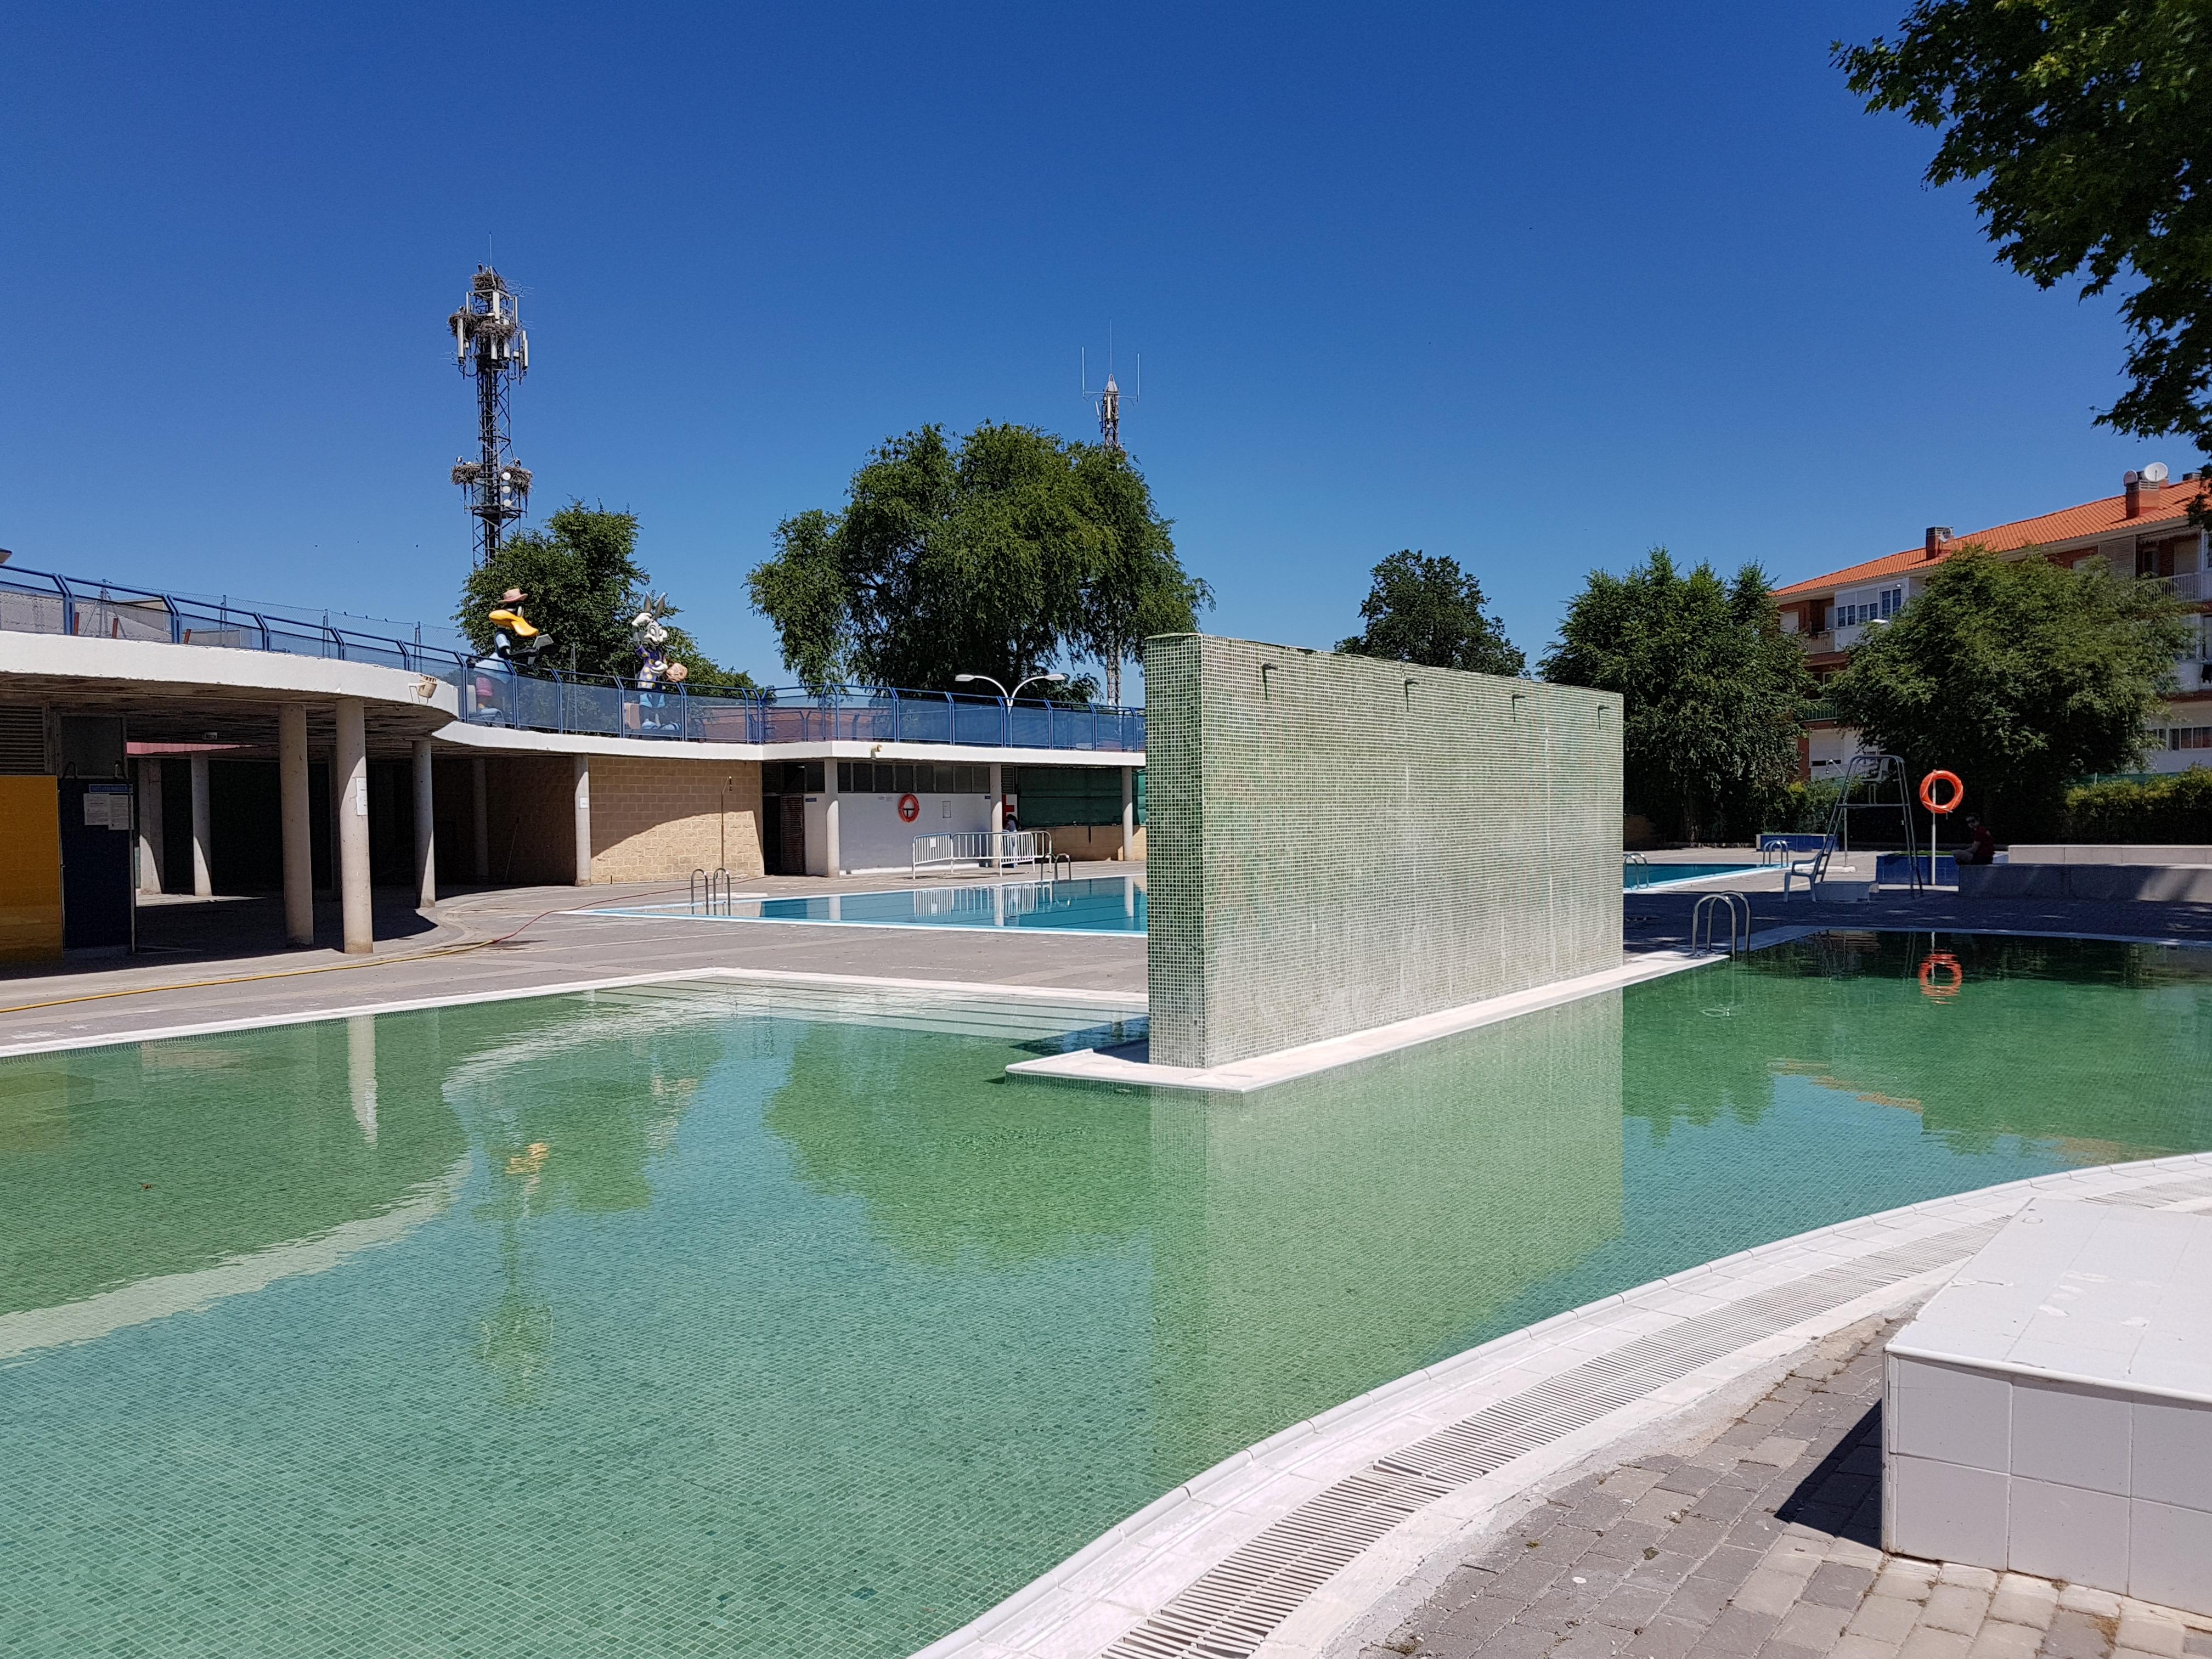 La Comunidad de Madrid ha publicado la convocatoria para la adecuación de la piscina municipal